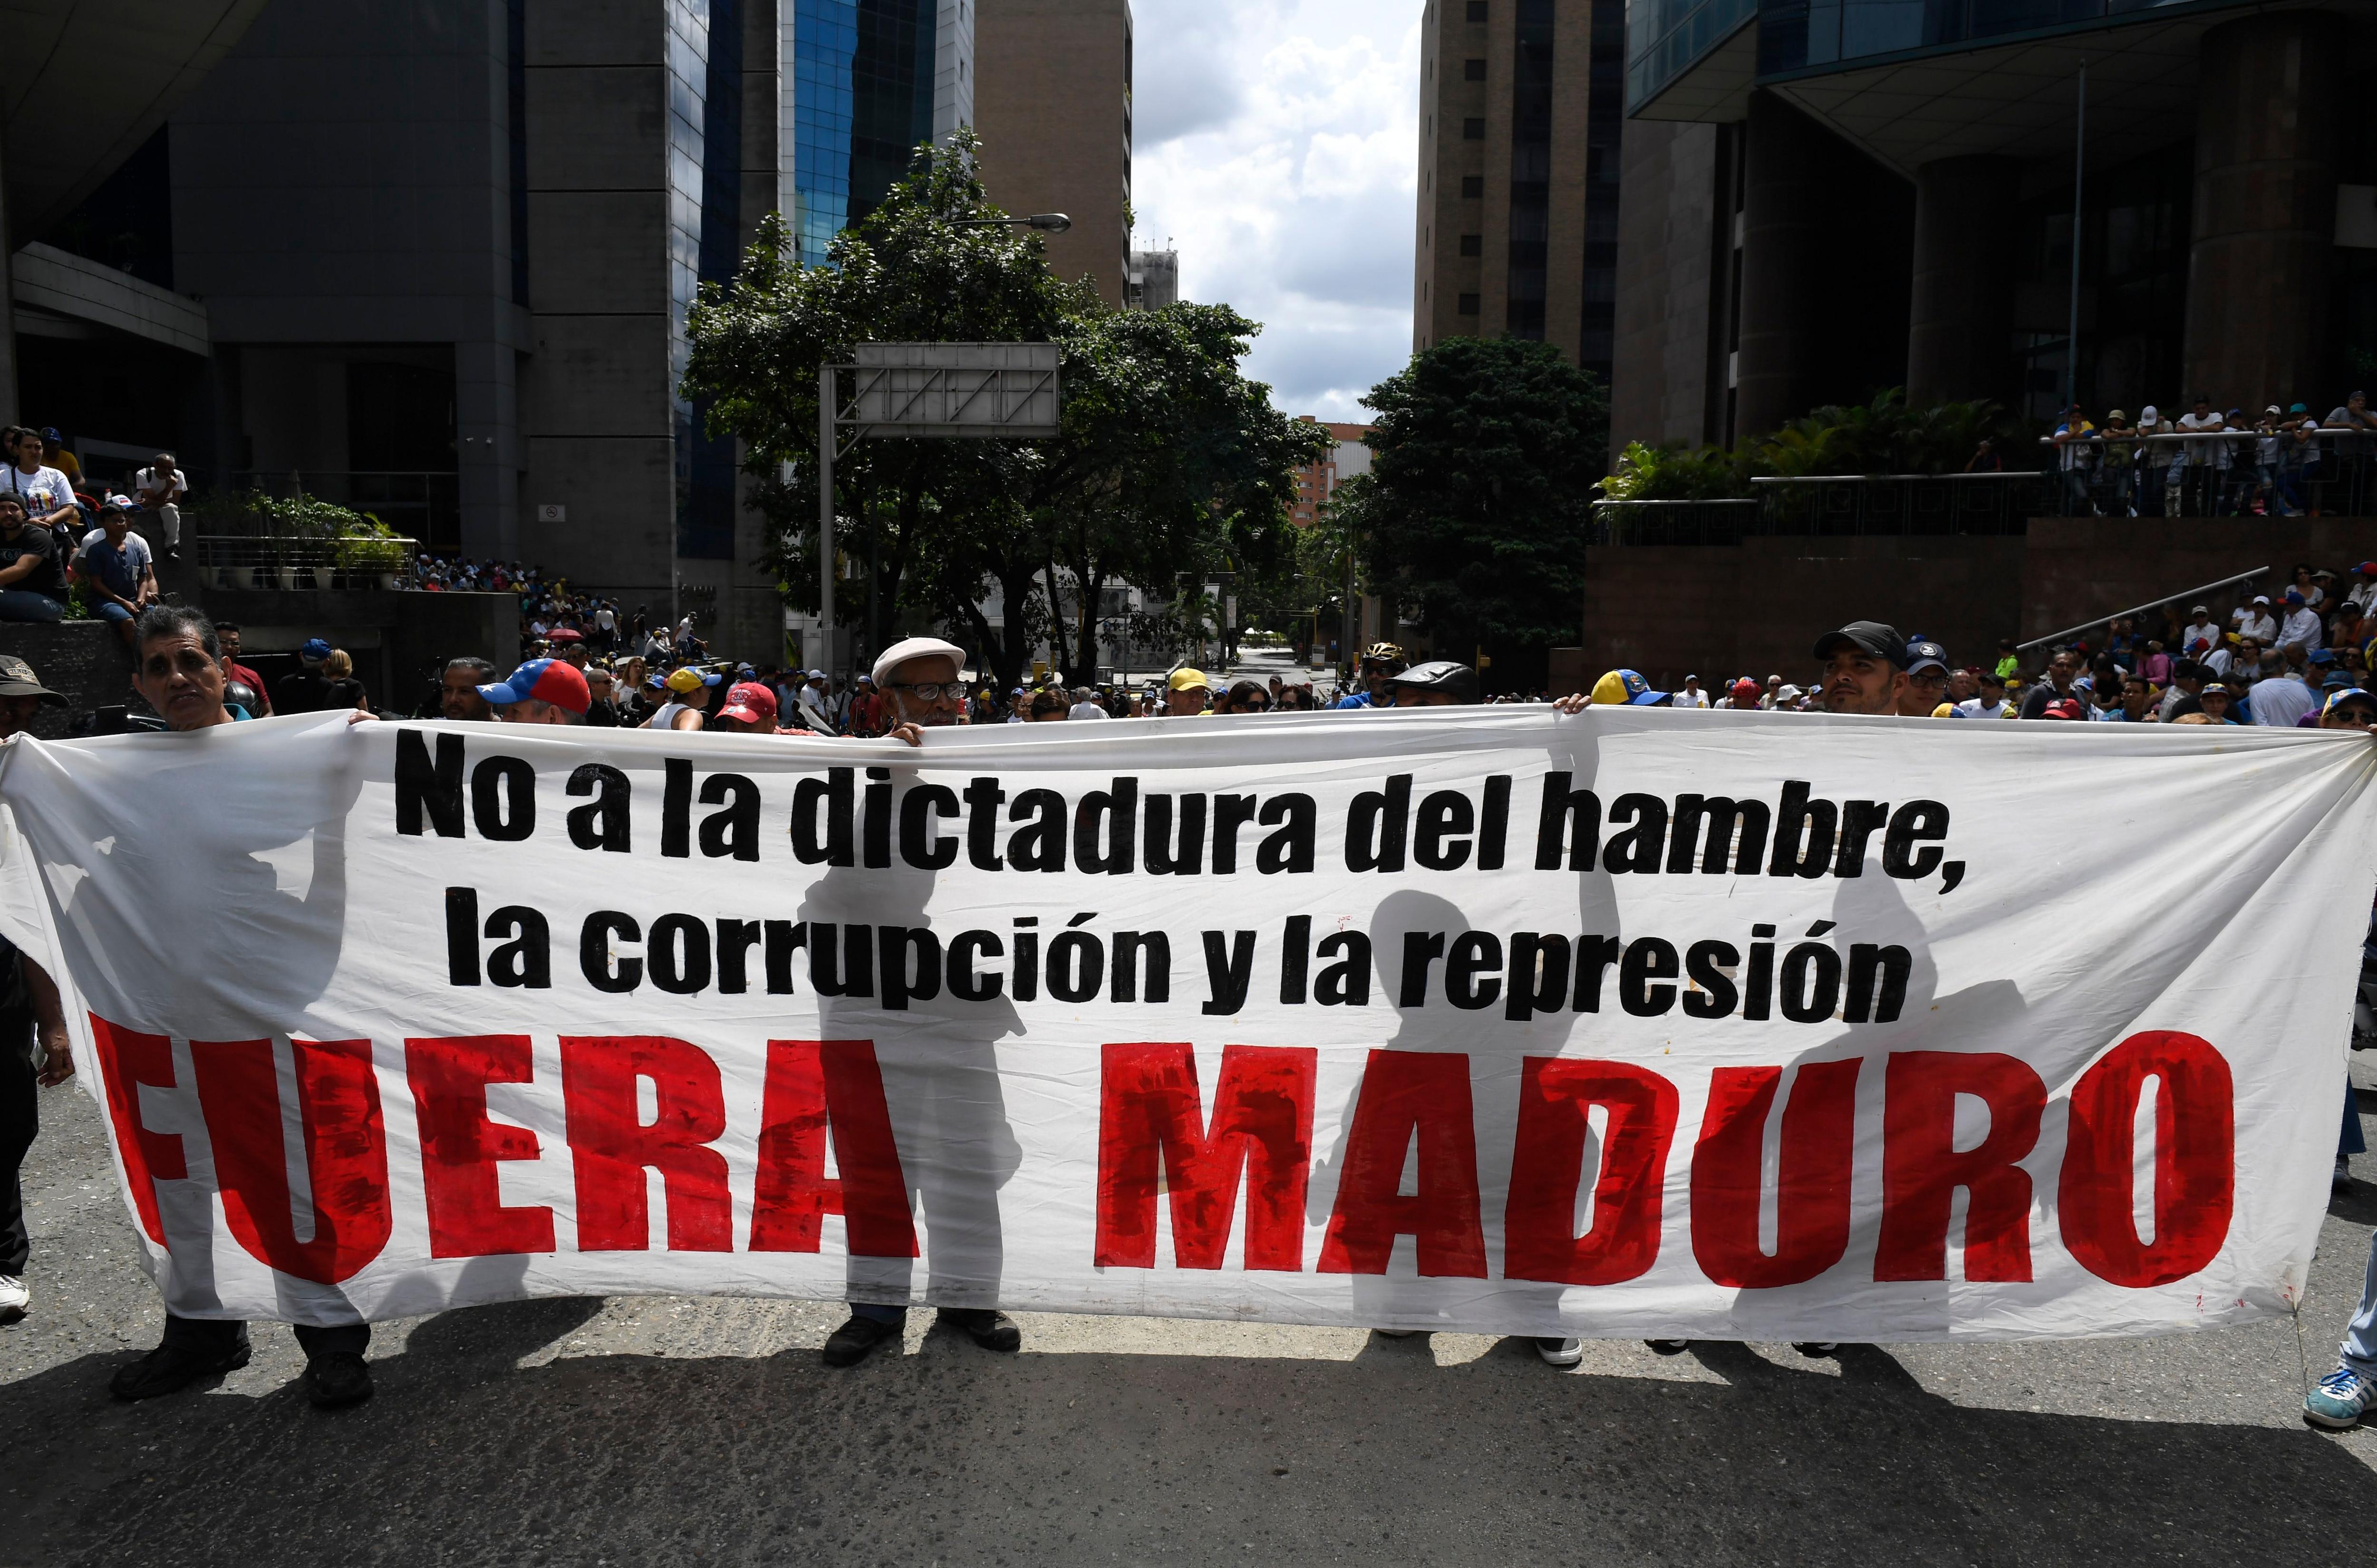 Protesta en Caracas contra el régimen de Nicolás Maduro. (Photo by Federico PARRA / AFP)